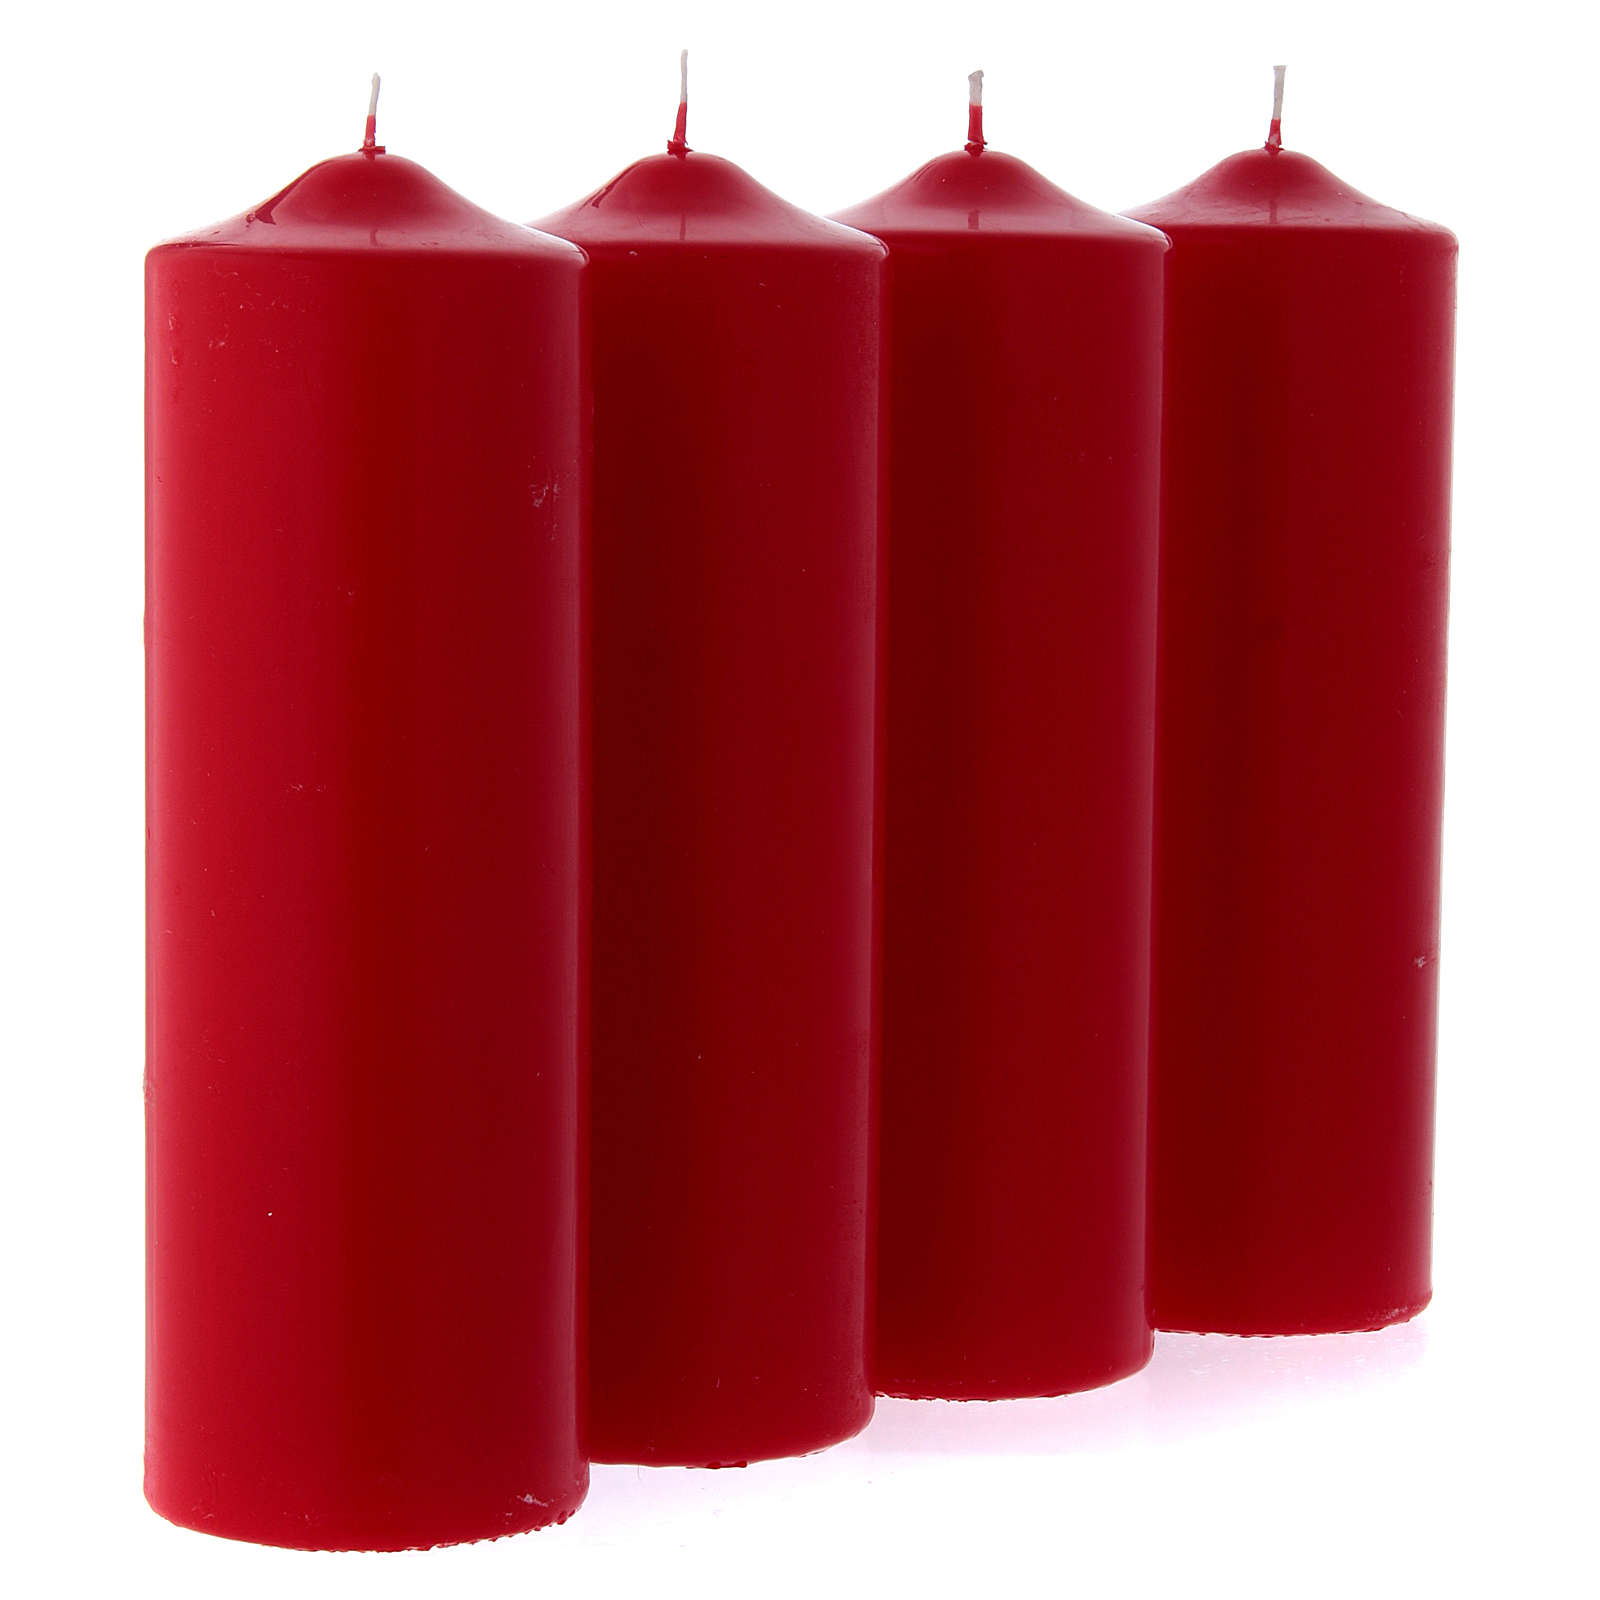 Ceri per l'Avvento 4 pz rossi opachi 24x8 cm 3